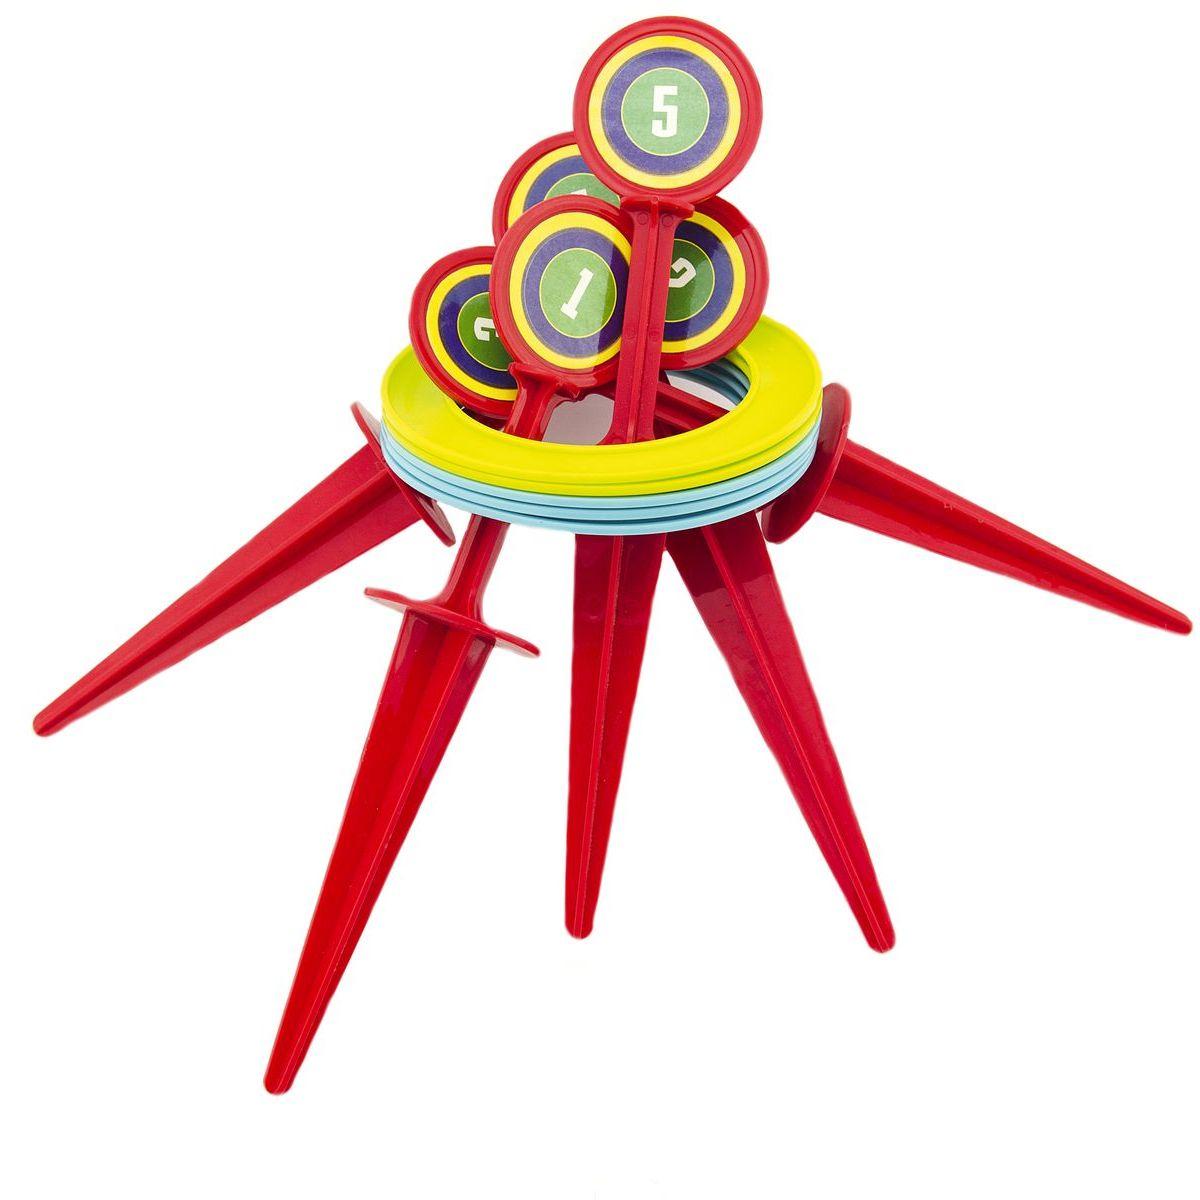 Hra házecí kroužky a kolíky 25cm